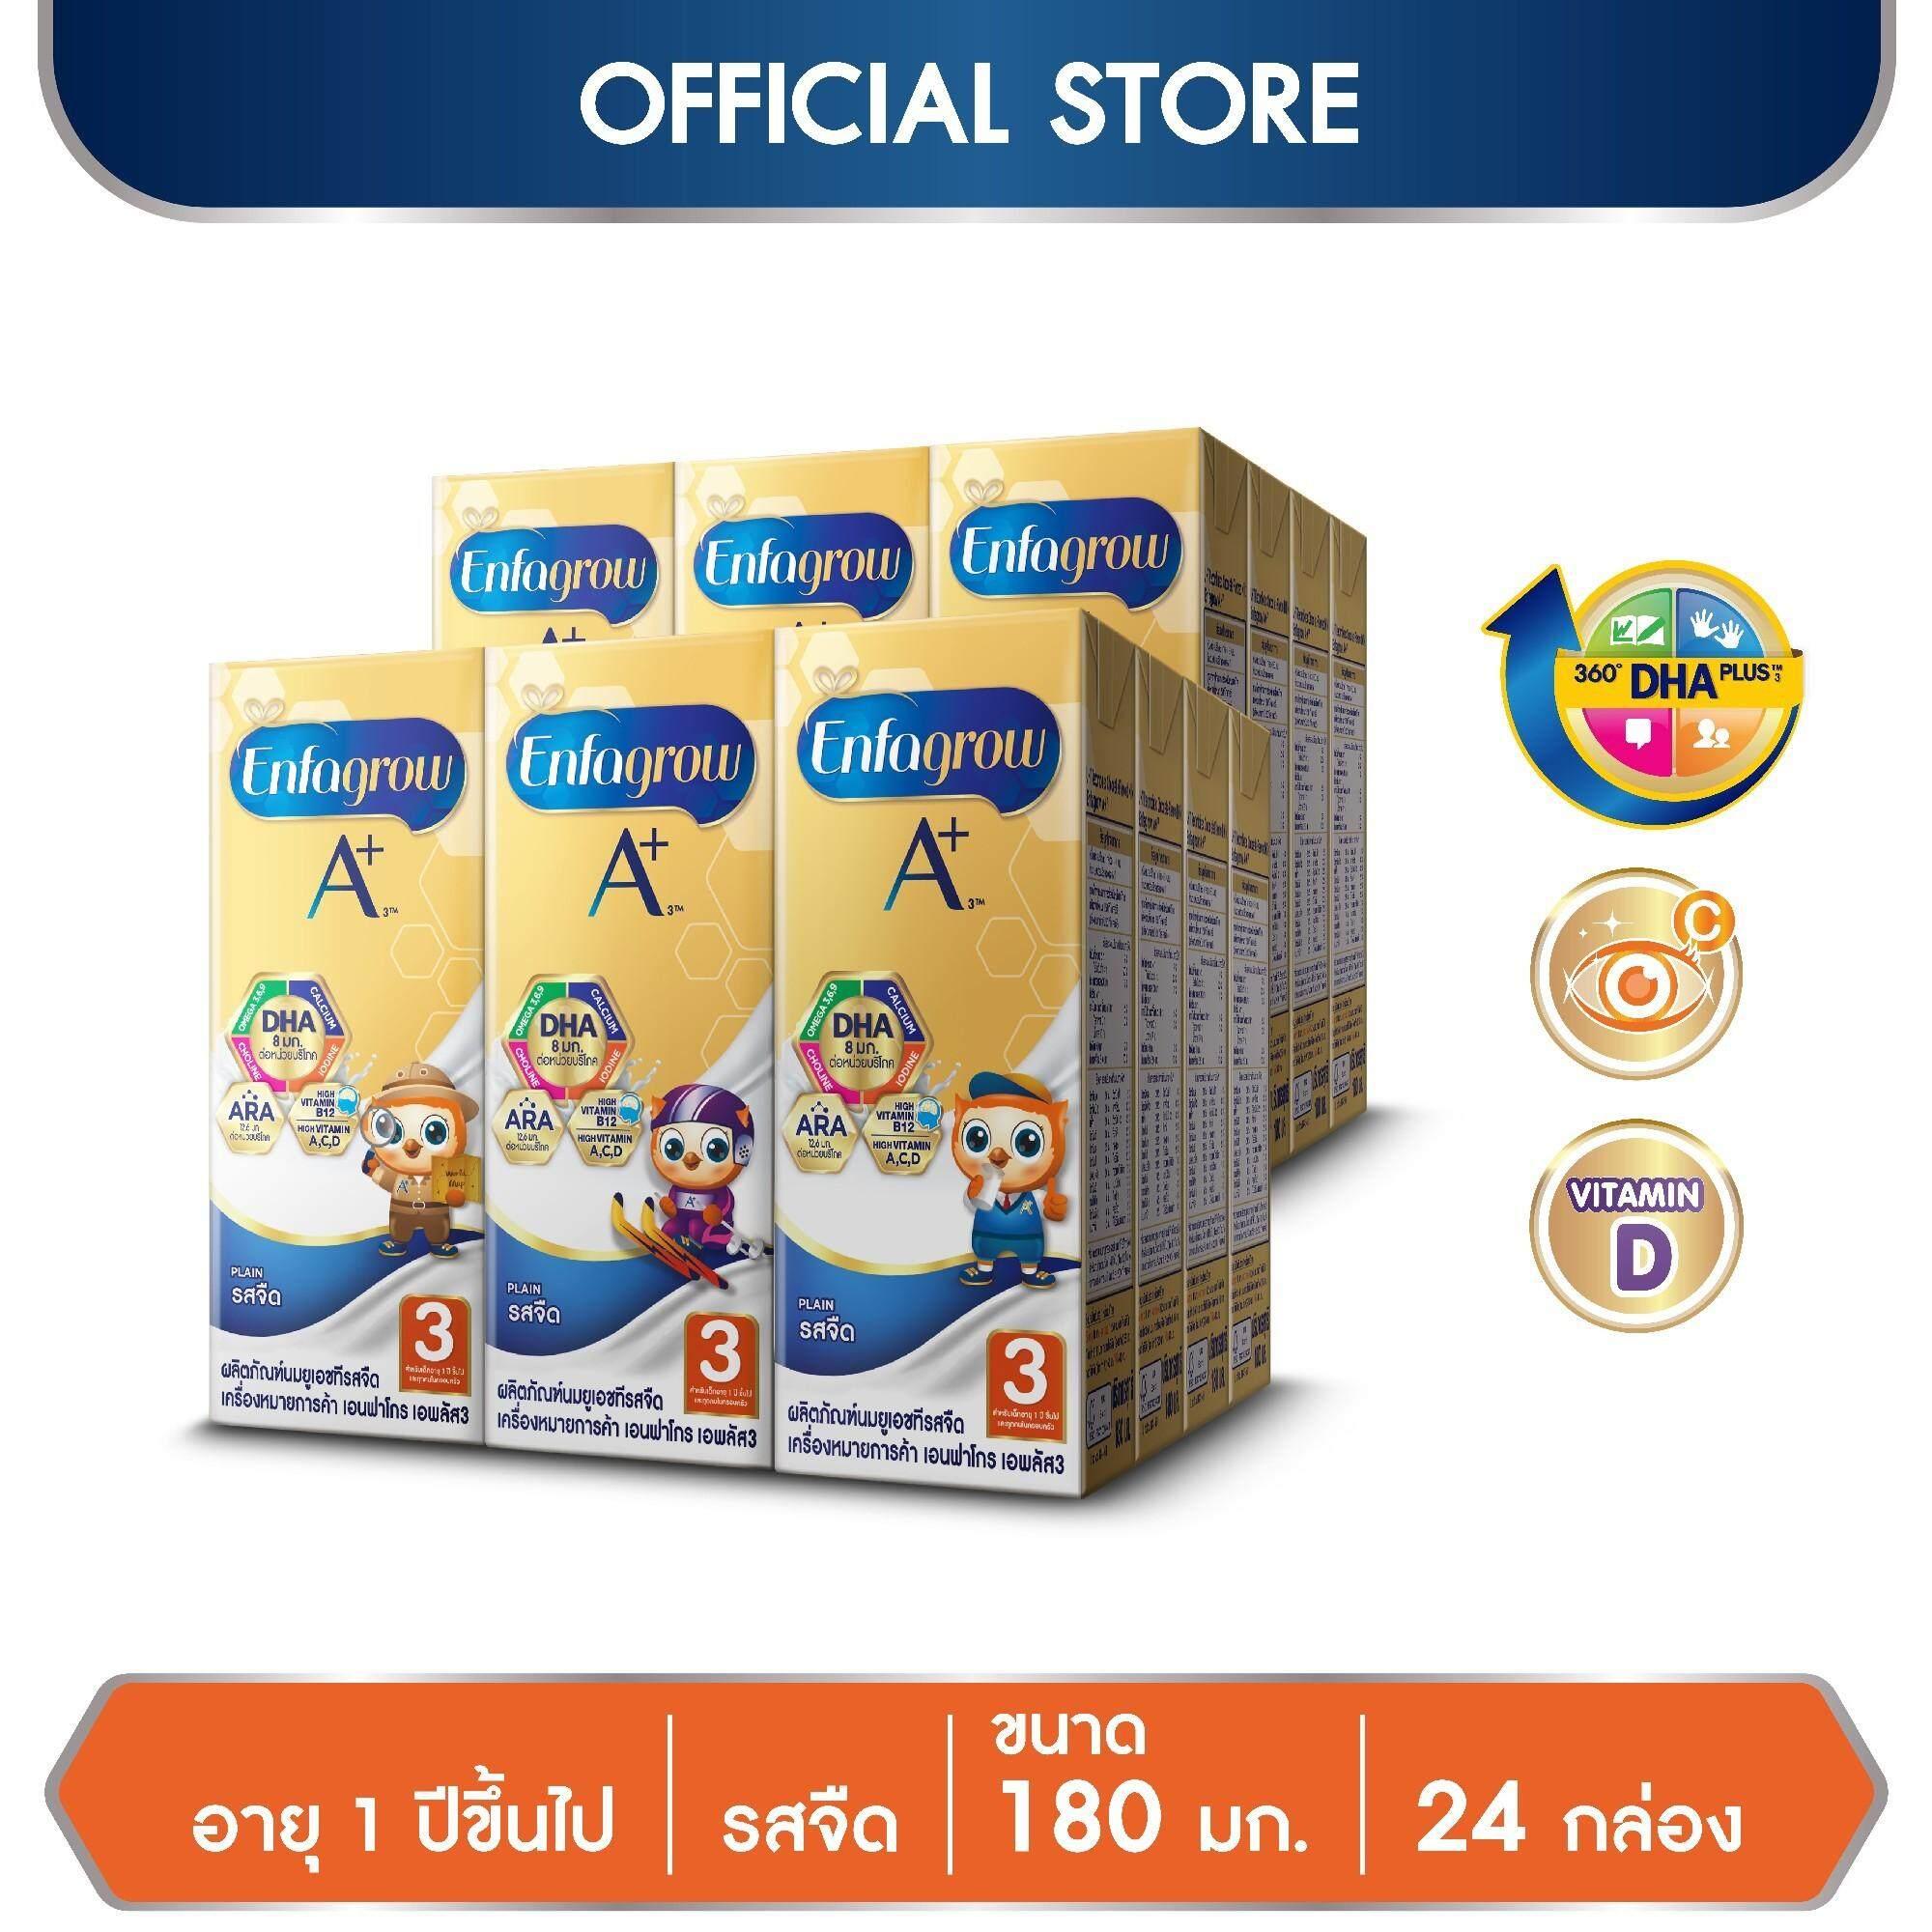 นมกล่อง ยูเอชที Enfagrow เอนฟาโกร เอพลัส สูตร 3 รสจืด Uht สำหรับ เด็ก 24 กล่อง 180 มล. By Lazada Retail Enfagrow.